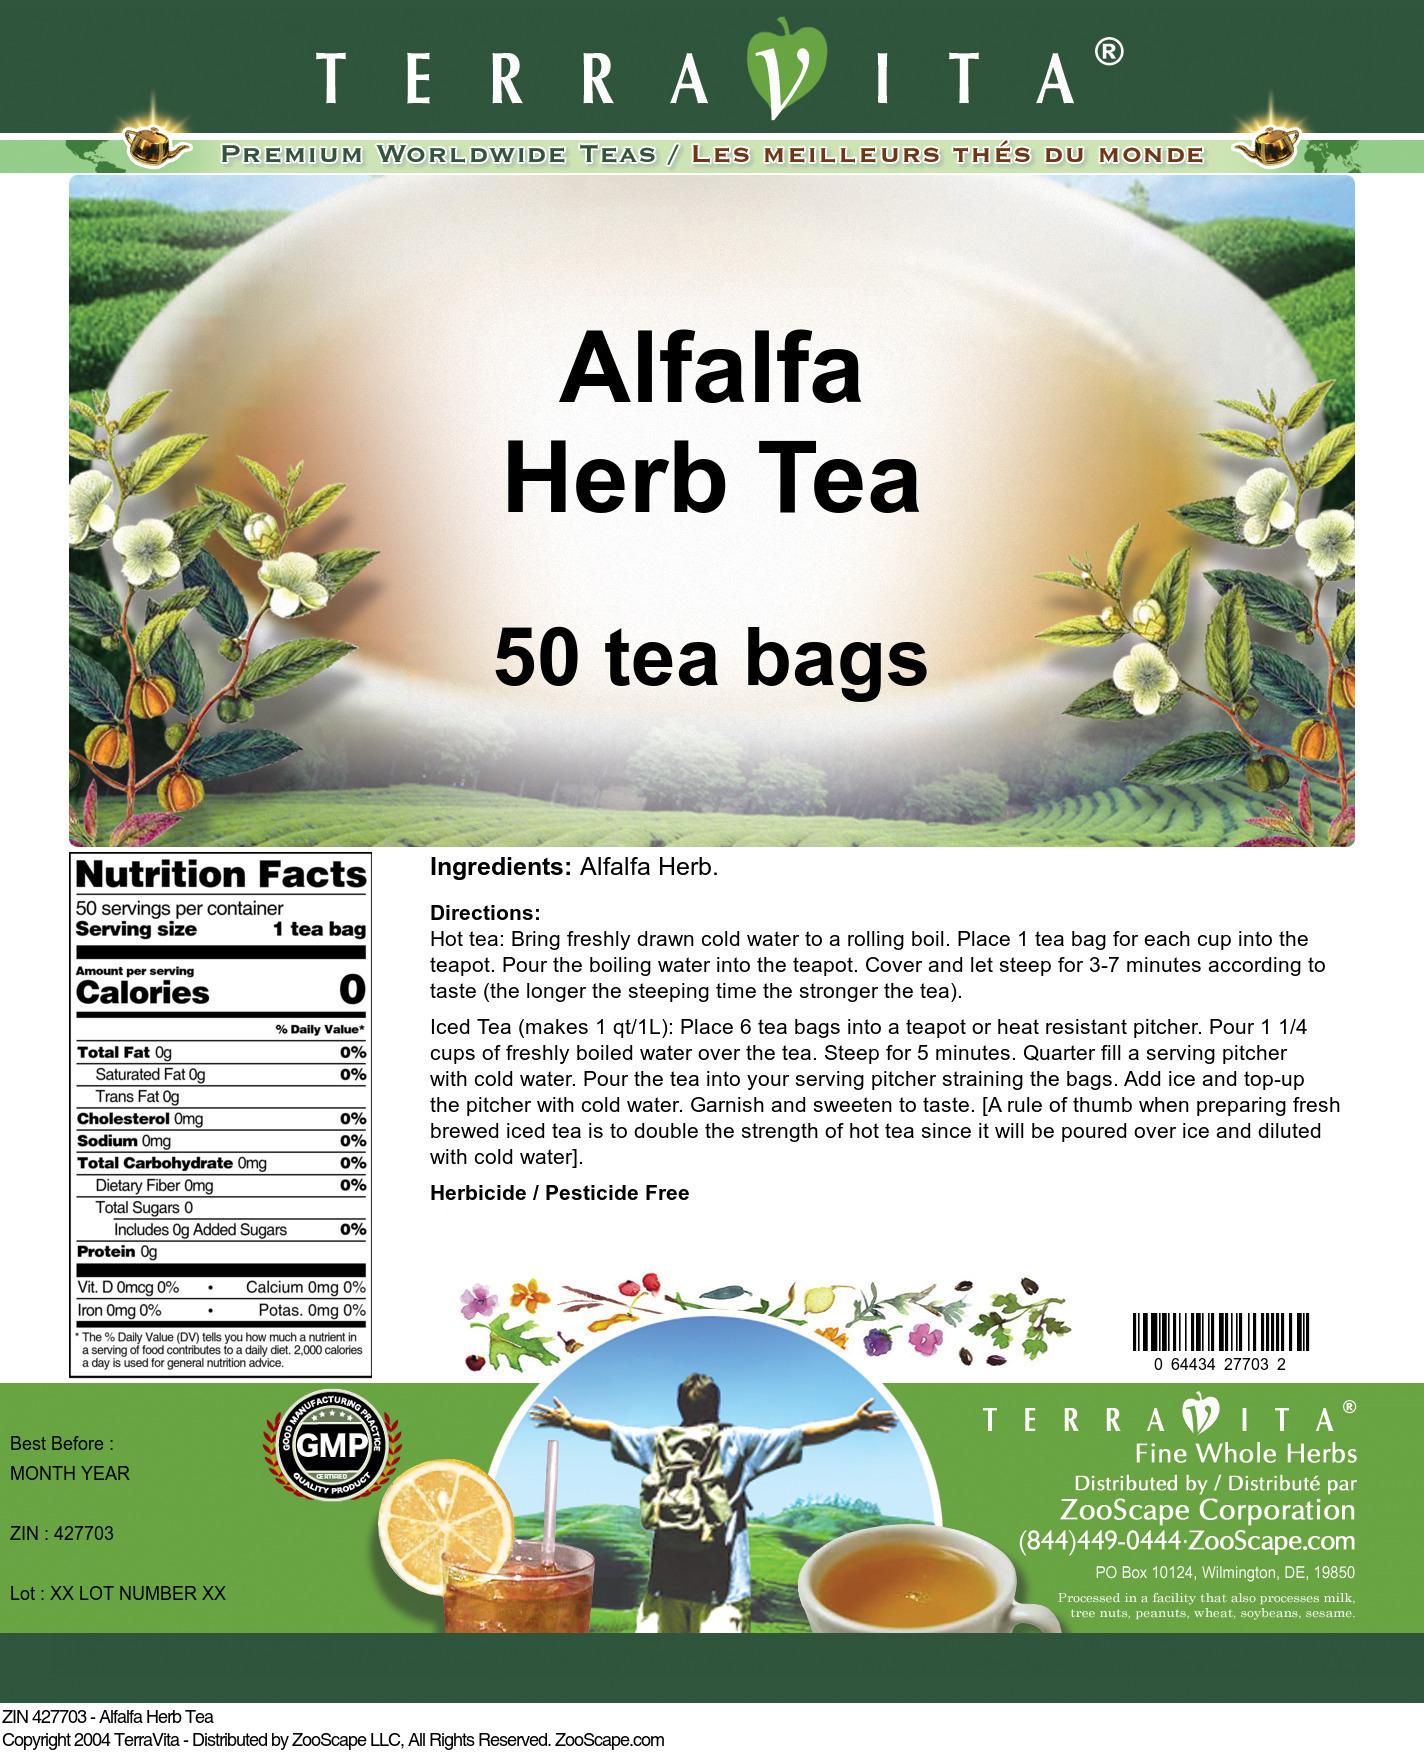 Alfalfa Herb Tea